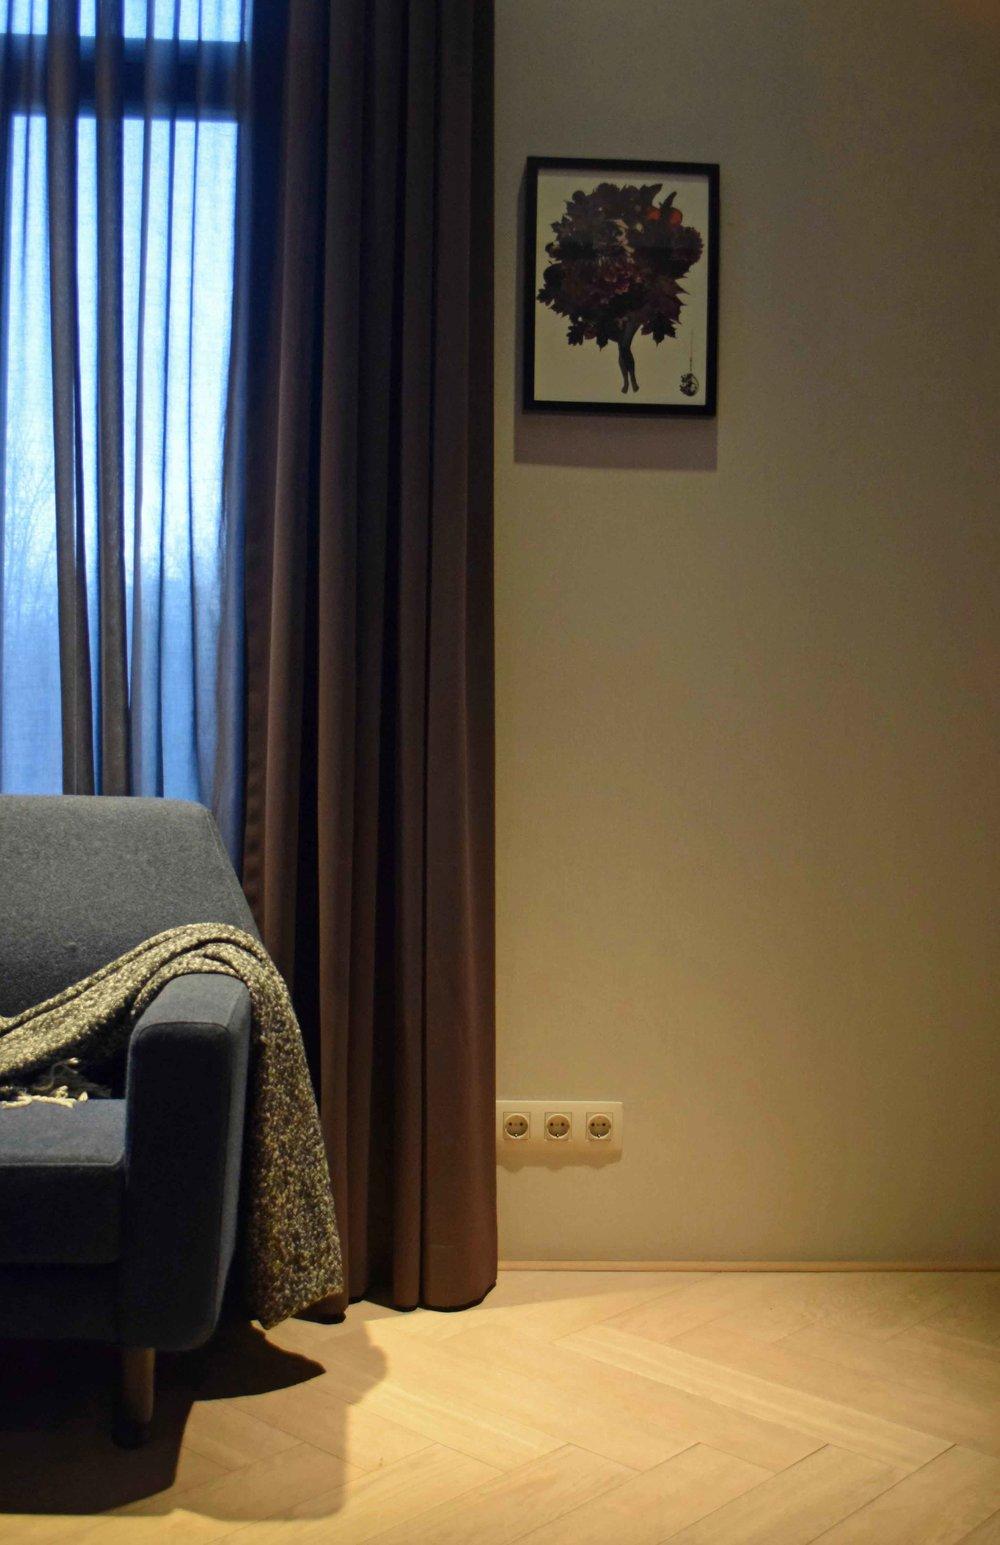 Amsterdam Interior Design Hotel No.377 details - ©Detail Movement